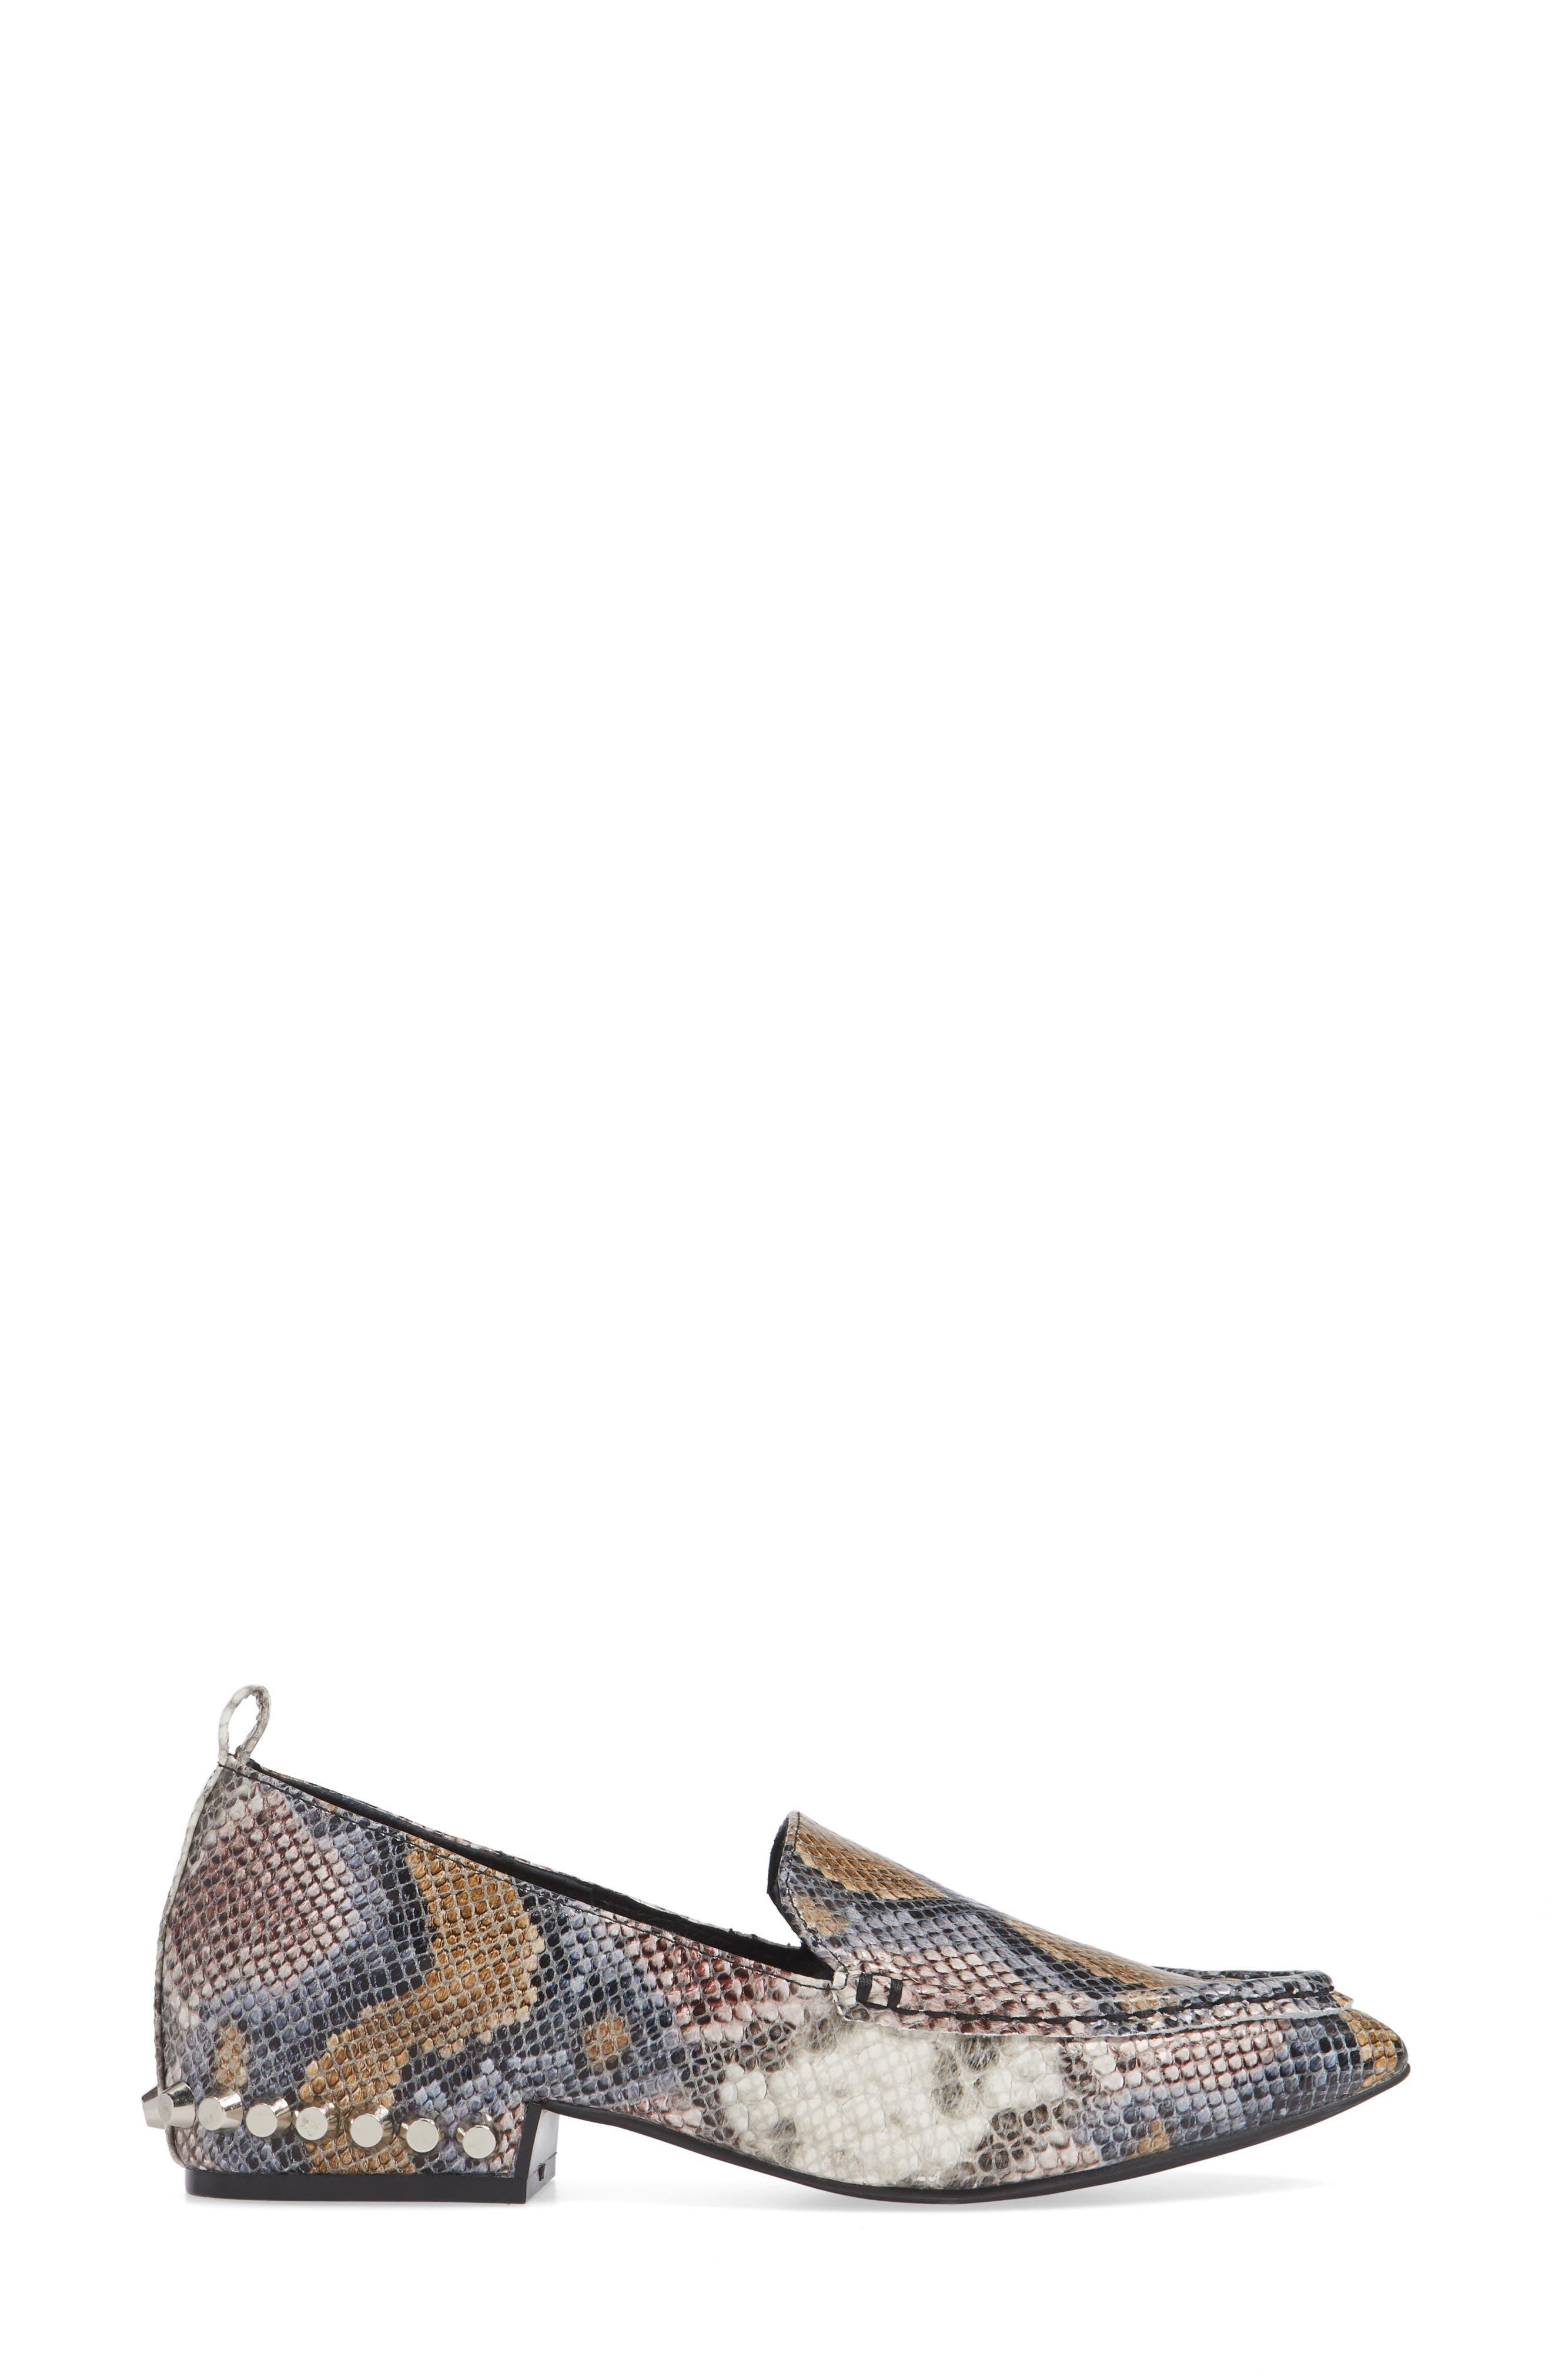 Barnett Studded Loafer,                             Alternate thumbnail 3, color,                             Multi Snake Silver